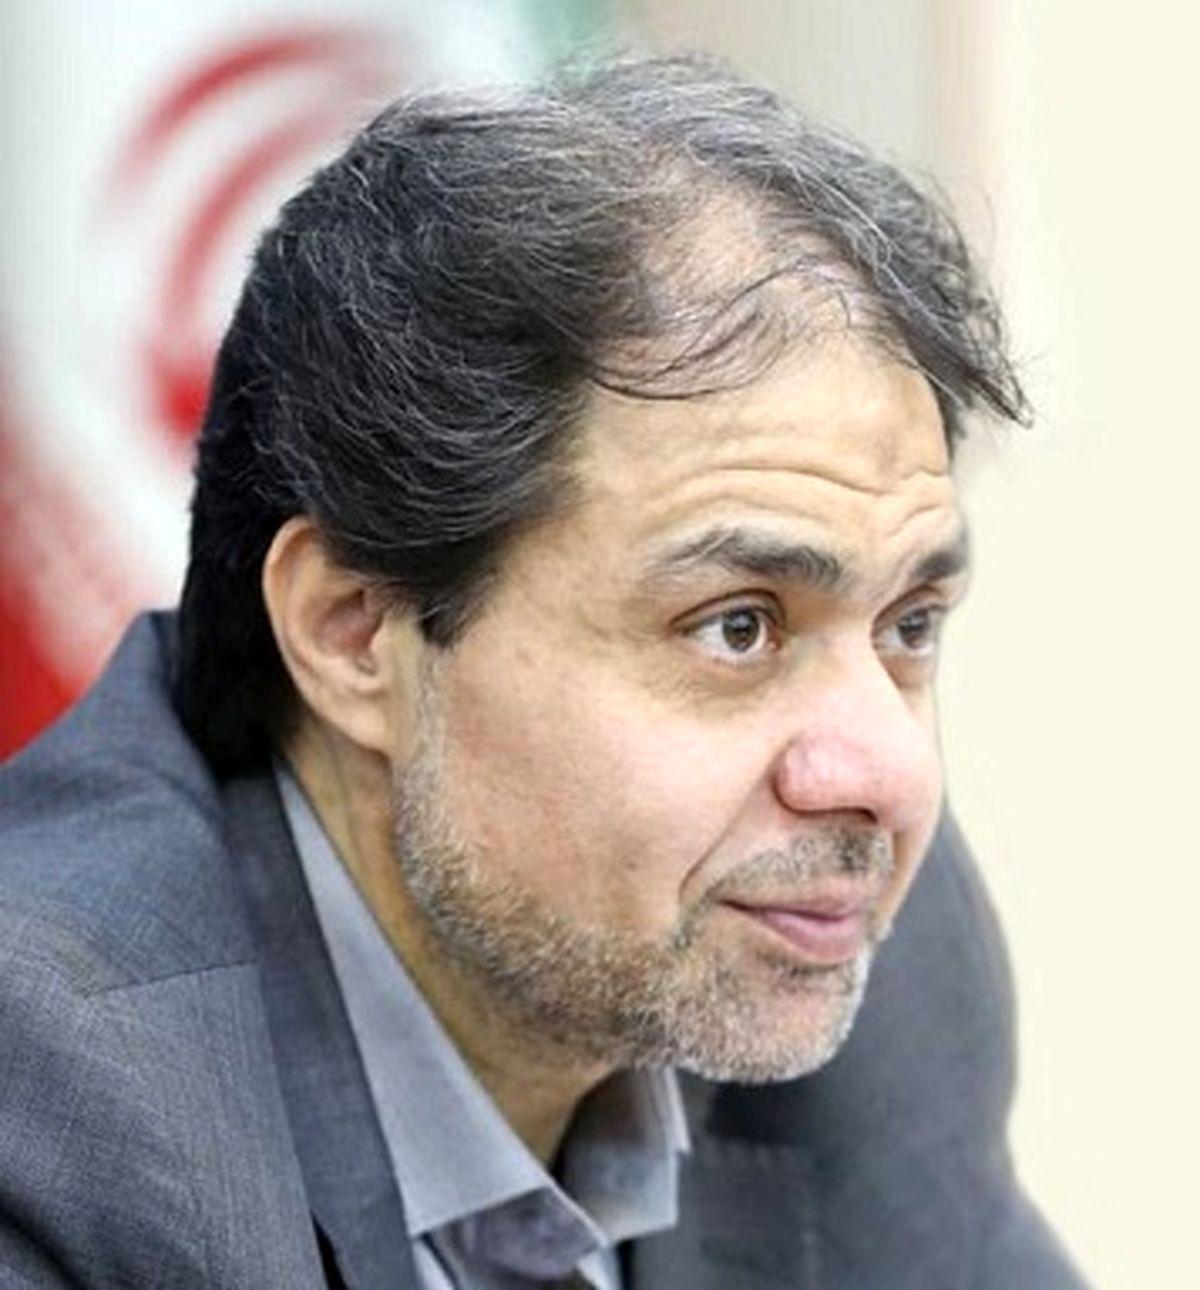 پیام تبریک مهندس موهبتی به مدیر عامل جدید سازمان بیمه سلامت ایران